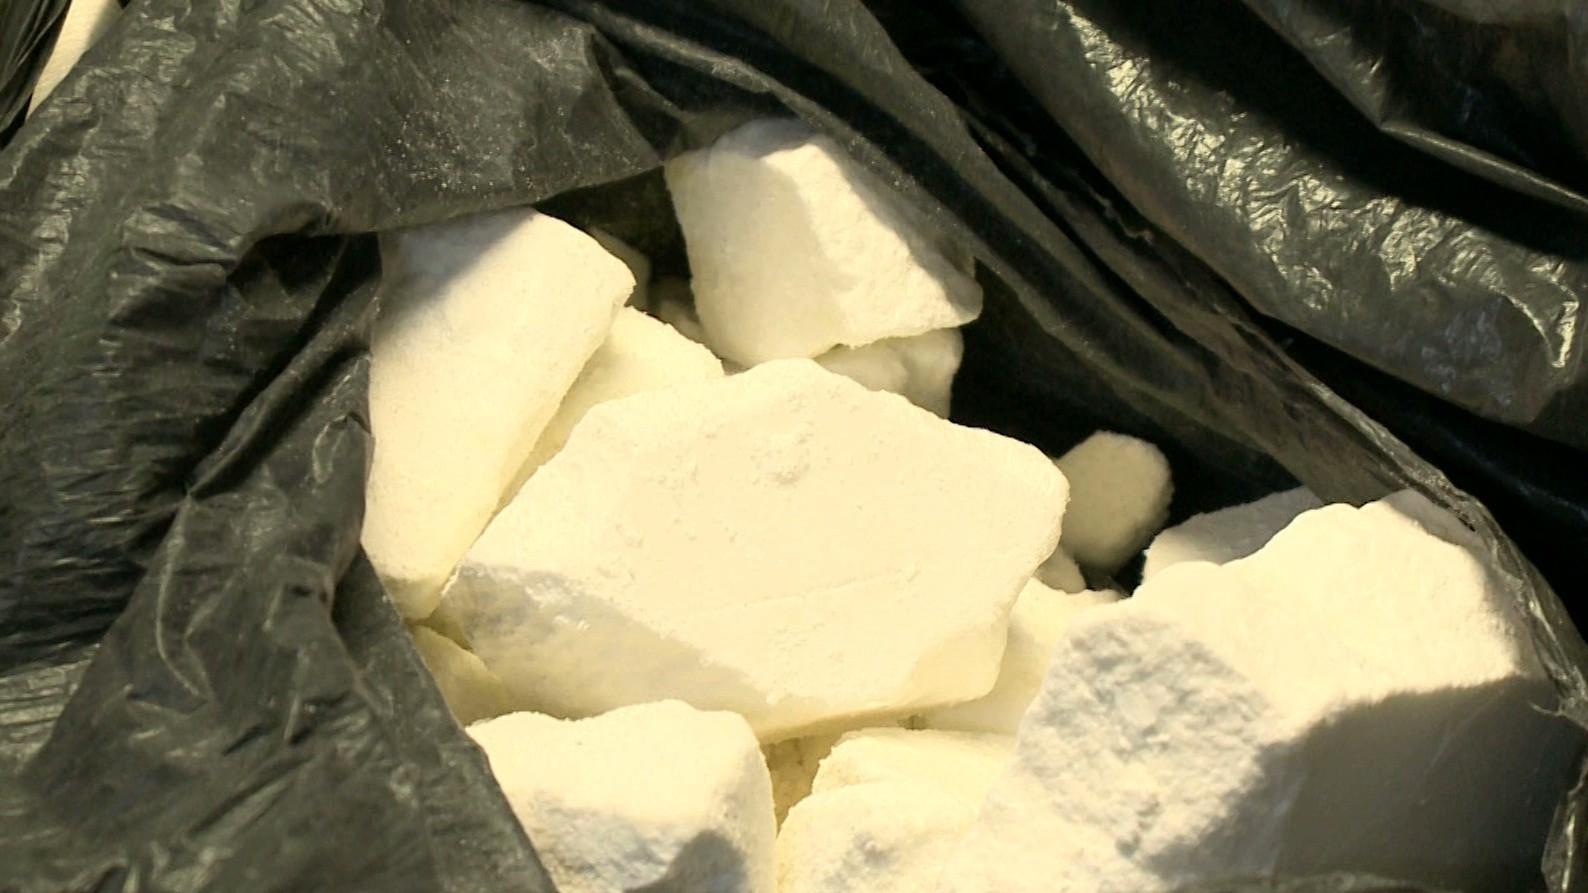 Grupo é preso com cerca de nove quilos de cocaína, em João Pessoa - Notícias - Plantão Diário